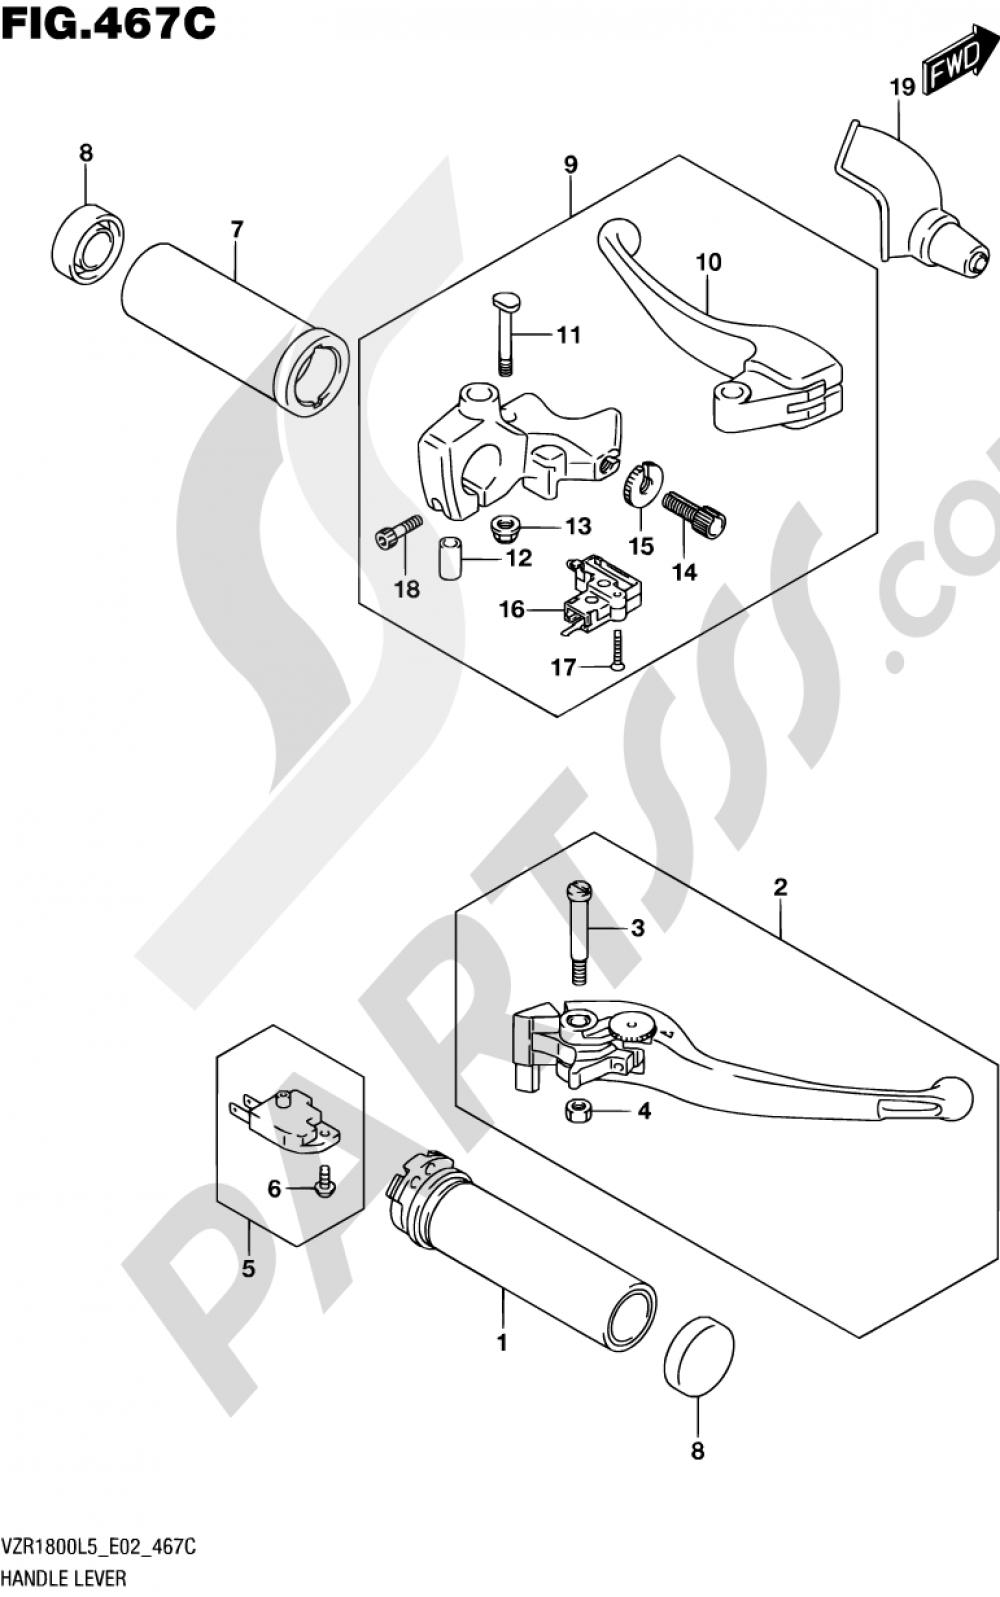 467C - HANDLE LEVER (VZR1800UFL5 E19) Suzuki VZR1800 2015